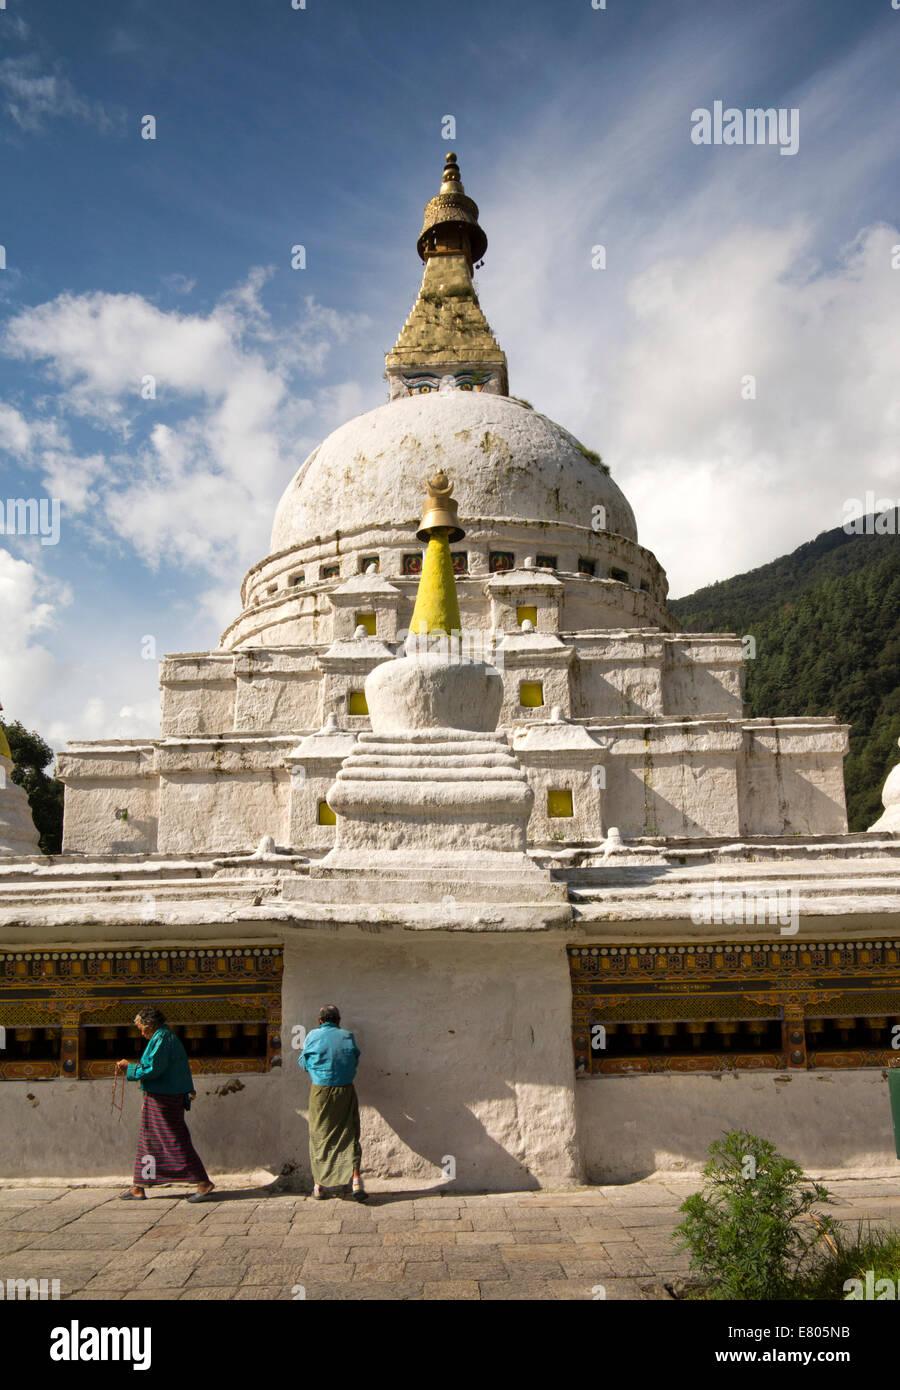 L'est du Bhoutan, Trashi Yangtse, Chorten Kora, inspirée de Bodhnath stupa au Népal Photo Stock